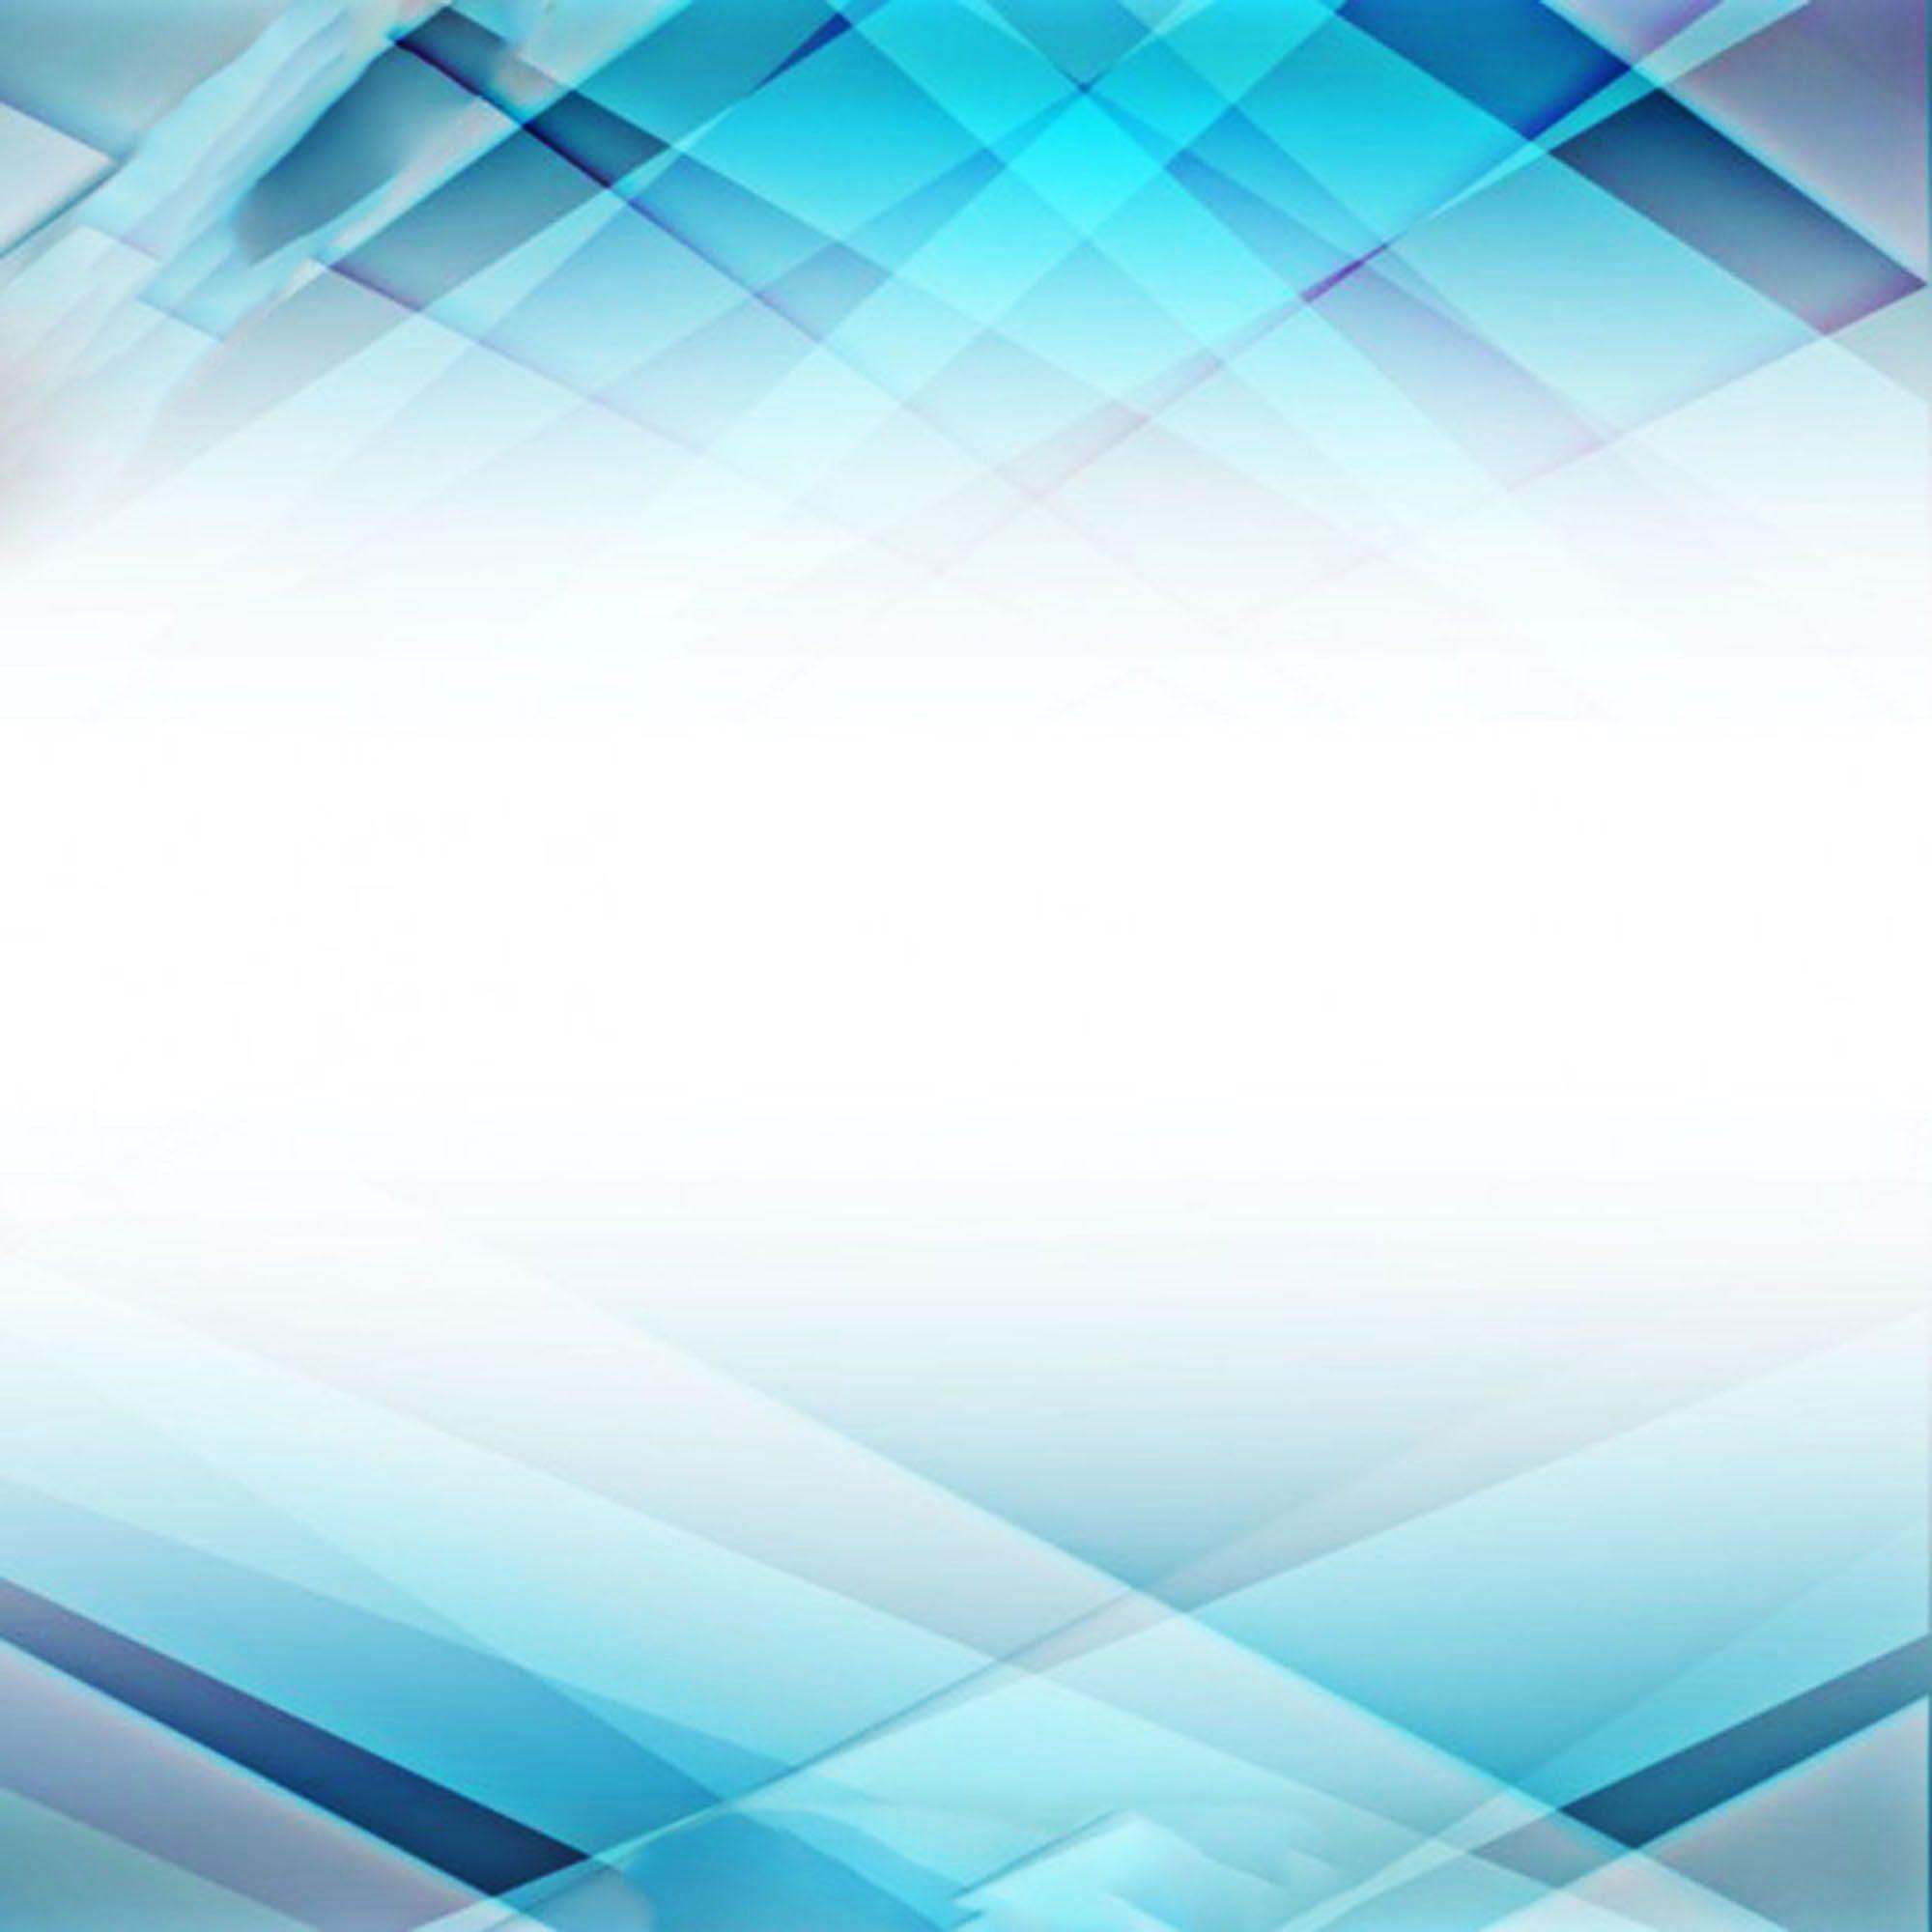 Blue Background Blue Background Abstract Abstract Background Shape Shape Background Geometry Simple Fa Arriere Plan Geometrique Arriere Plan Dessin Geometrique